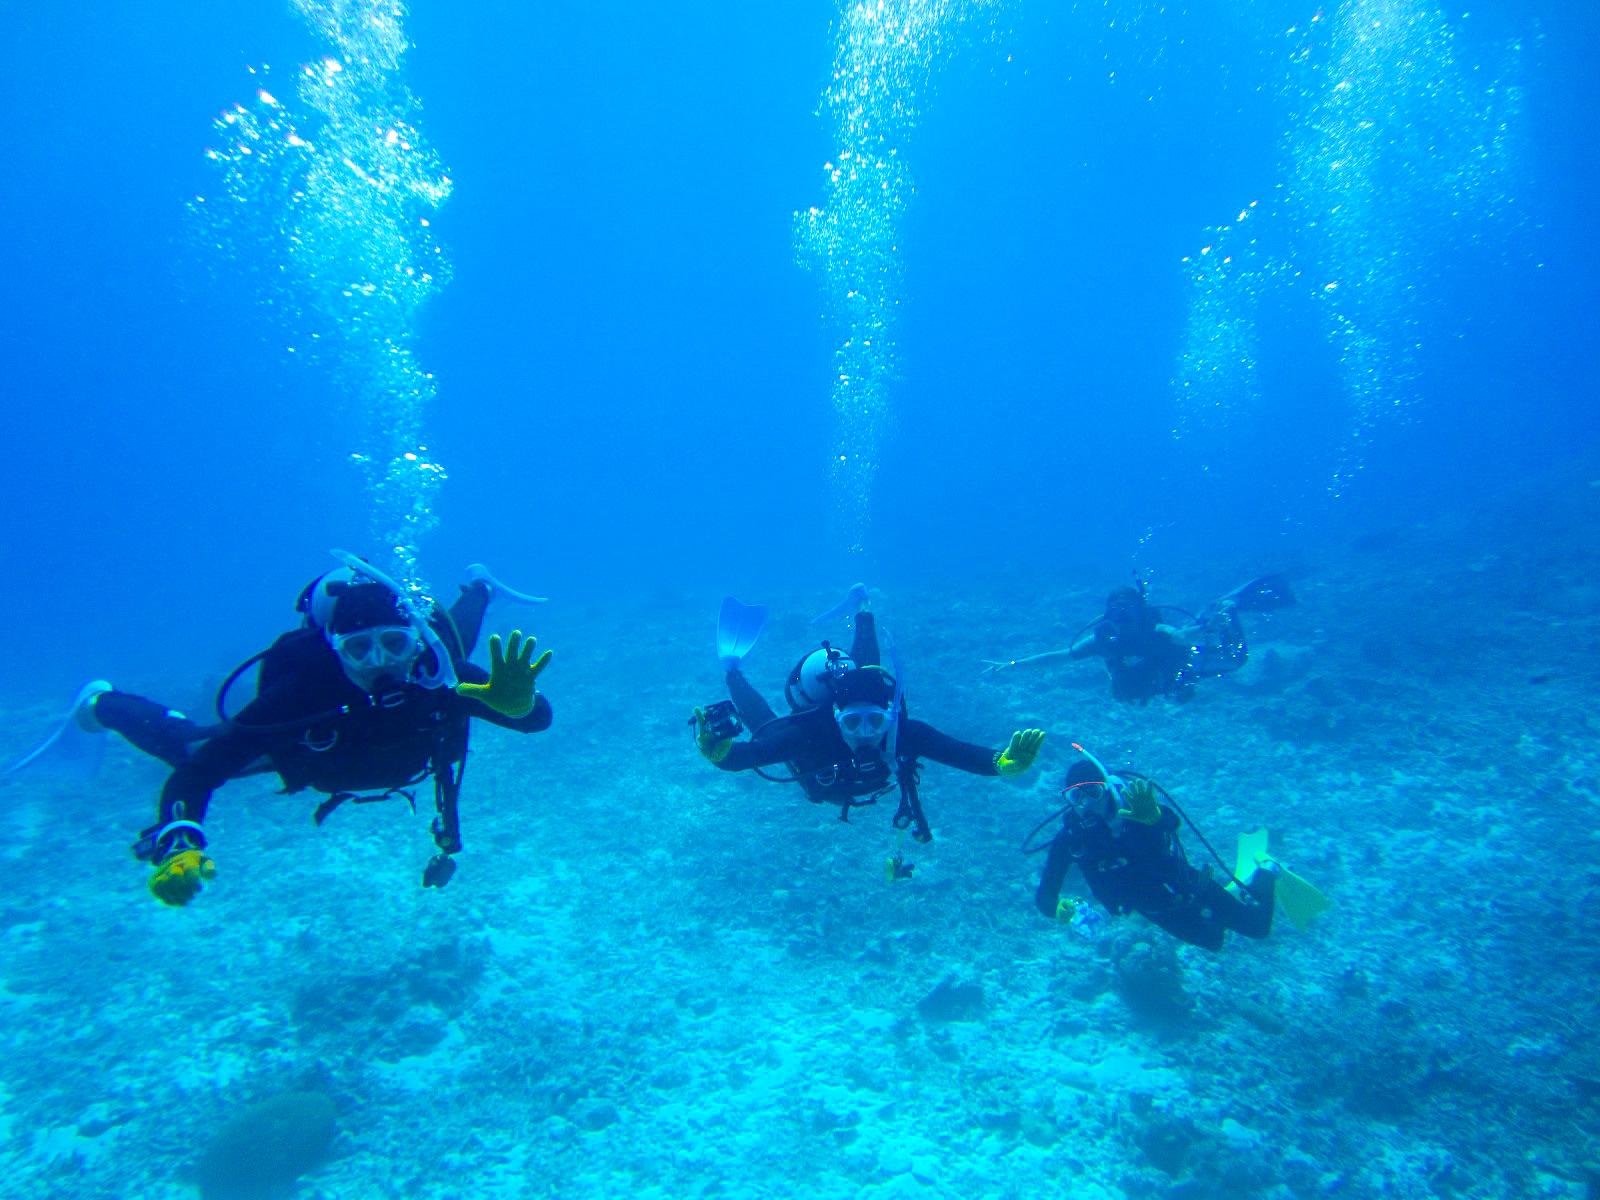 団体旅行で石垣島体験ダイビングに参加